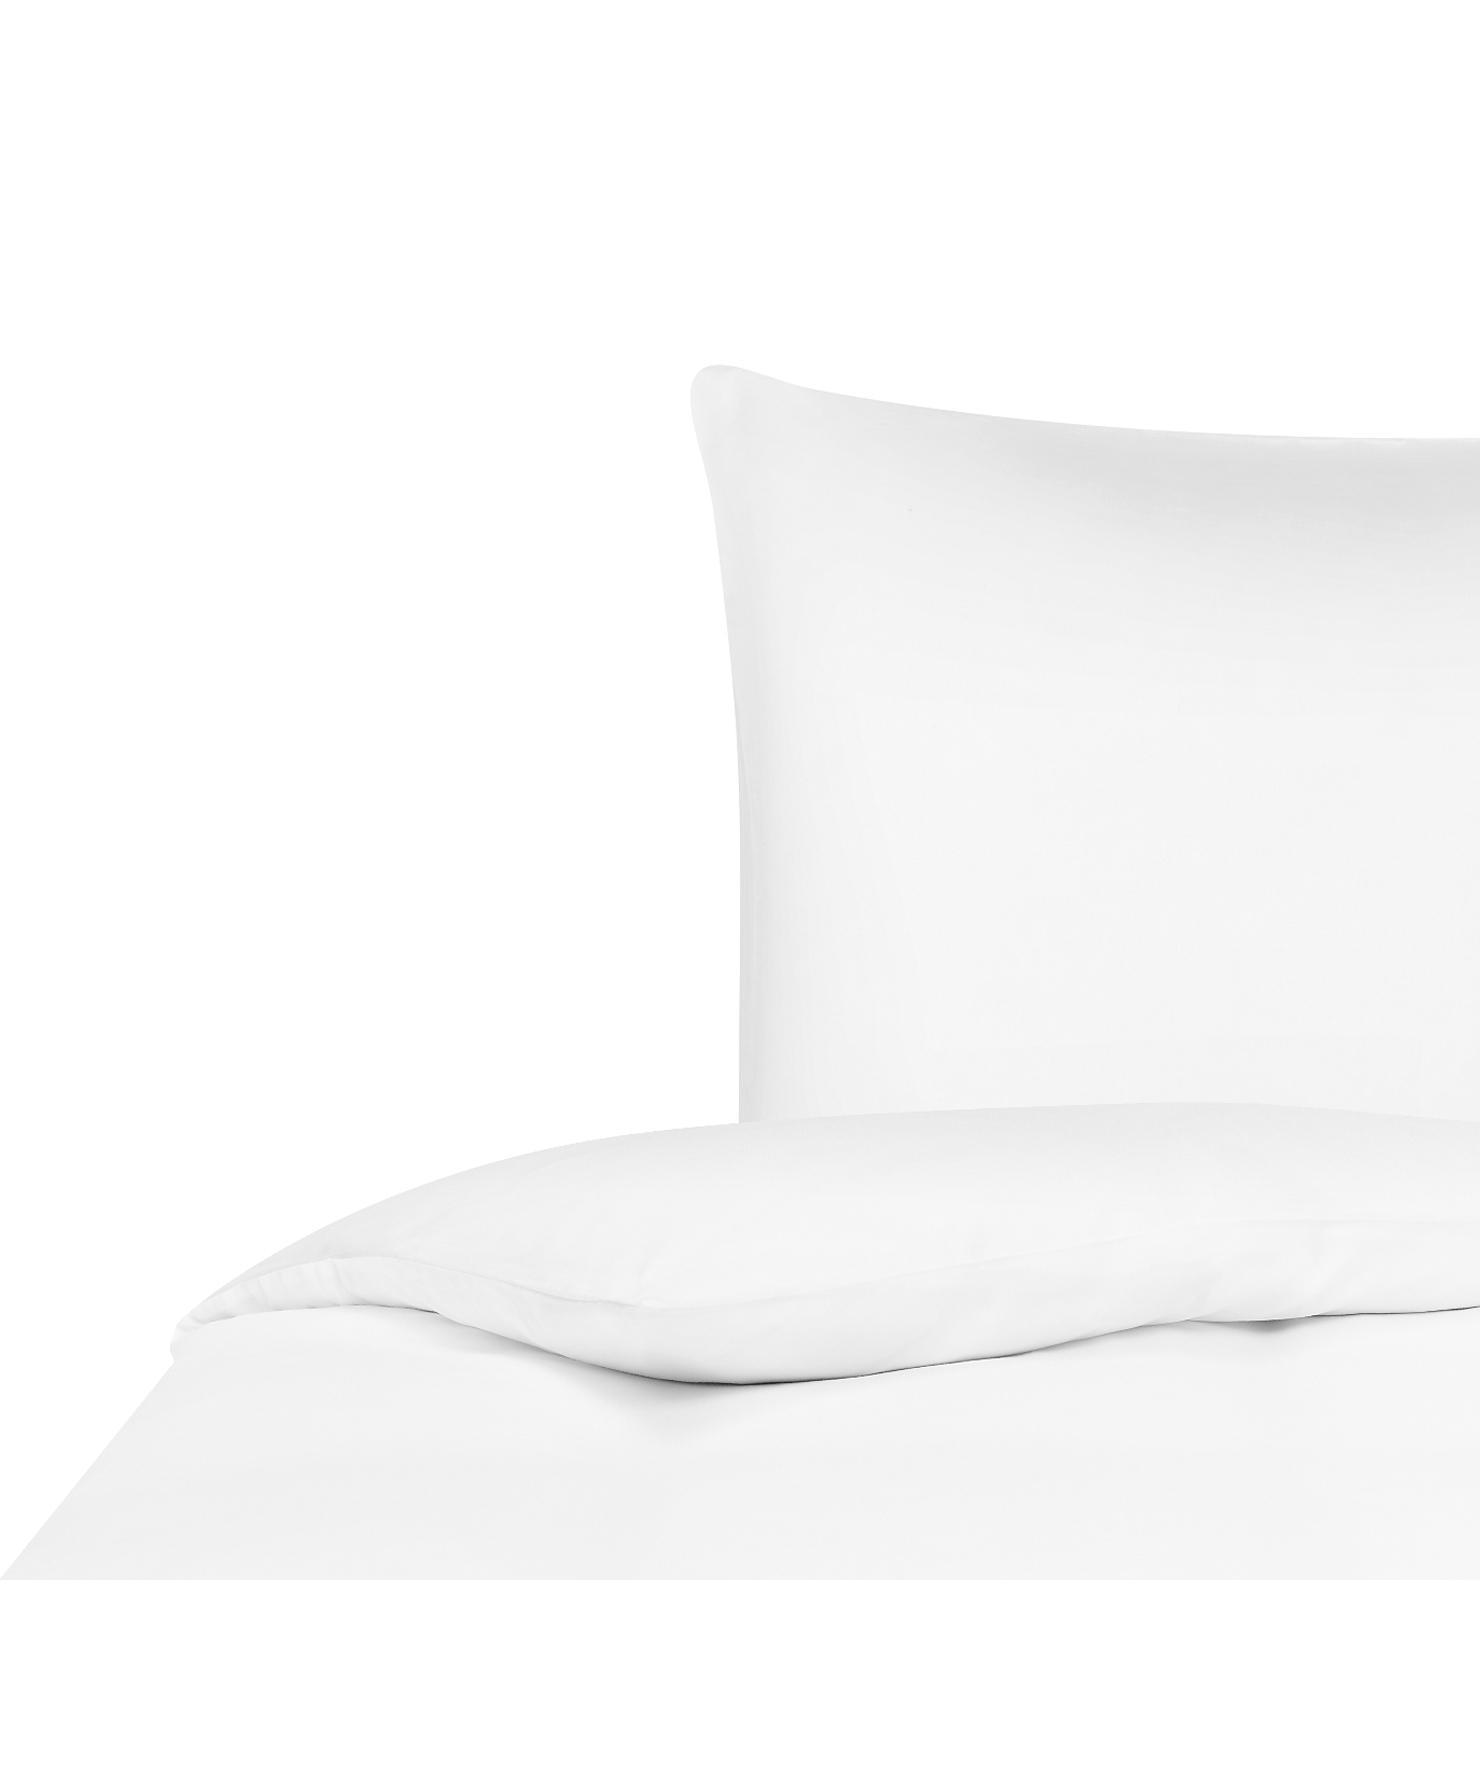 Bambus-Bettwäsche Skye in Weiß, 55% Bambus, 45% Baumwolle  Fadendichte 400 TC, Premium Qualität  Bambus ist hypoallergen und antibakteriell. Daher eignet das Material sich hervorragend für empfindliche Haut. Es ist amungsaktiv und absorbiert Feuchtigkeit, um so die Körpertemperatur im Schlaf zu regulieren., Weiß, 155 x 220 cm + 1 Kissen 80 x 80 cm